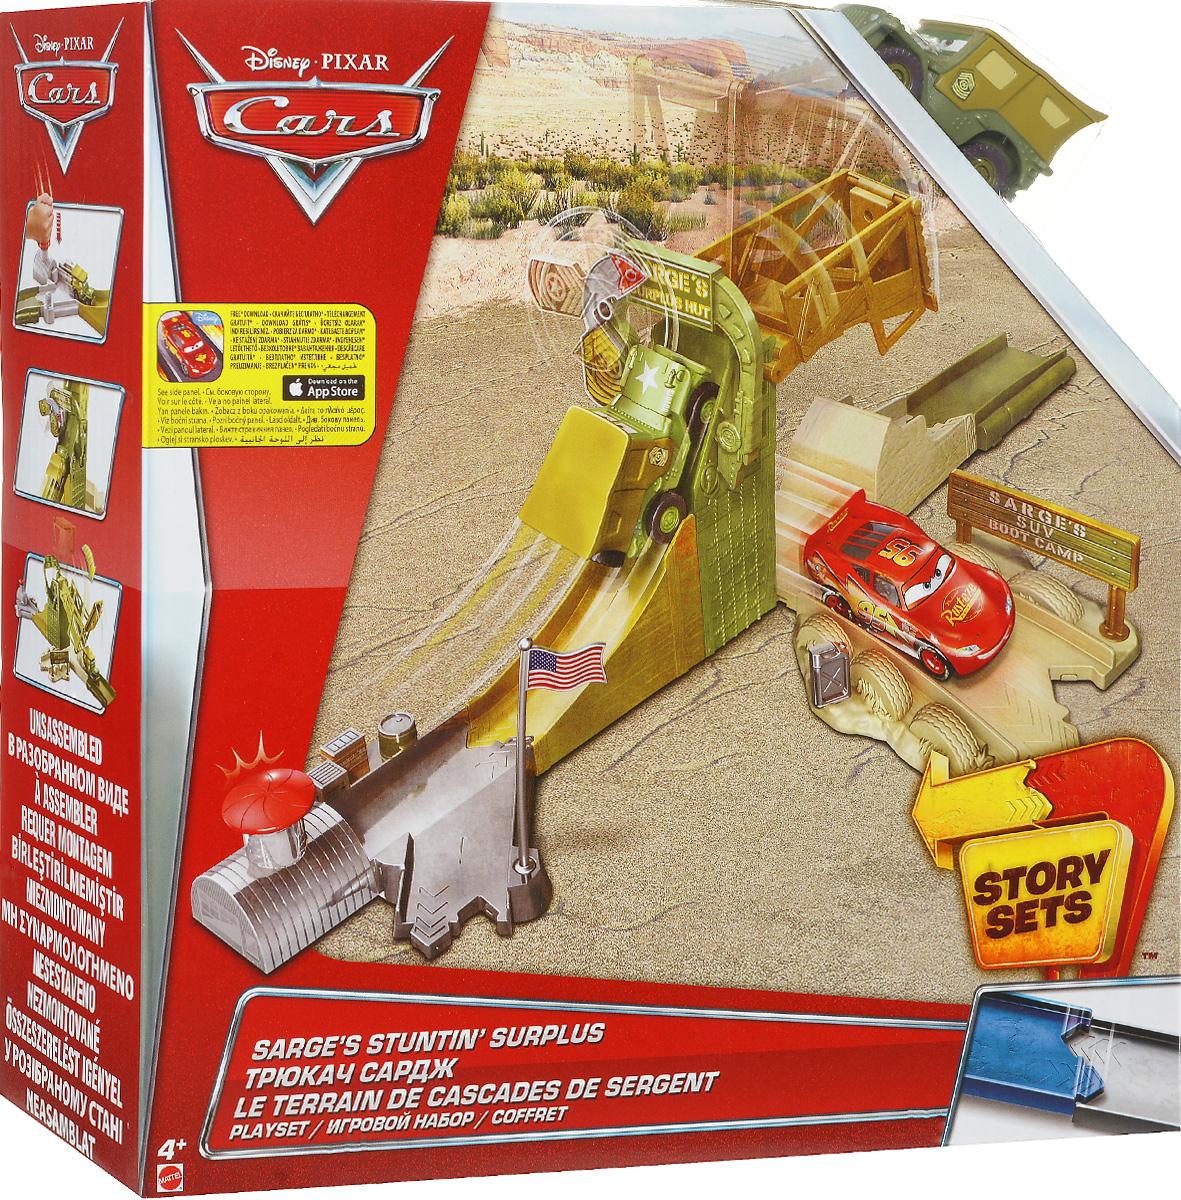 Cars Игрушечный трек Трюкач СарджCDW65_DJD90Игрушечный трек Cars Трюкач Сардж - это набор, который непременно оценят любители мультсериала Тачки. С его помощью вы можете инсценировать у себя в комнате городок Радиатор Спрингс. В комплект входят элементы, из которых можно собрать трек, пусковая установка, а также небольшая гоночная машинка Трюкач Сардж из популярного мультфильма Тачки. Запускать автомобиль можно с нескольких направлений. Особый интерес у ребенка вызовет большой трамплин. Все детали выполнены из прочного качественного пластика, благодаря чему игрушка прослужит долгое время. С таким отличным автотреком ваш ребенок точно не заскучает, ведь он сможет воспроизвести любимые моменты из мультфильма и придумать собственные сюжеты для игр.